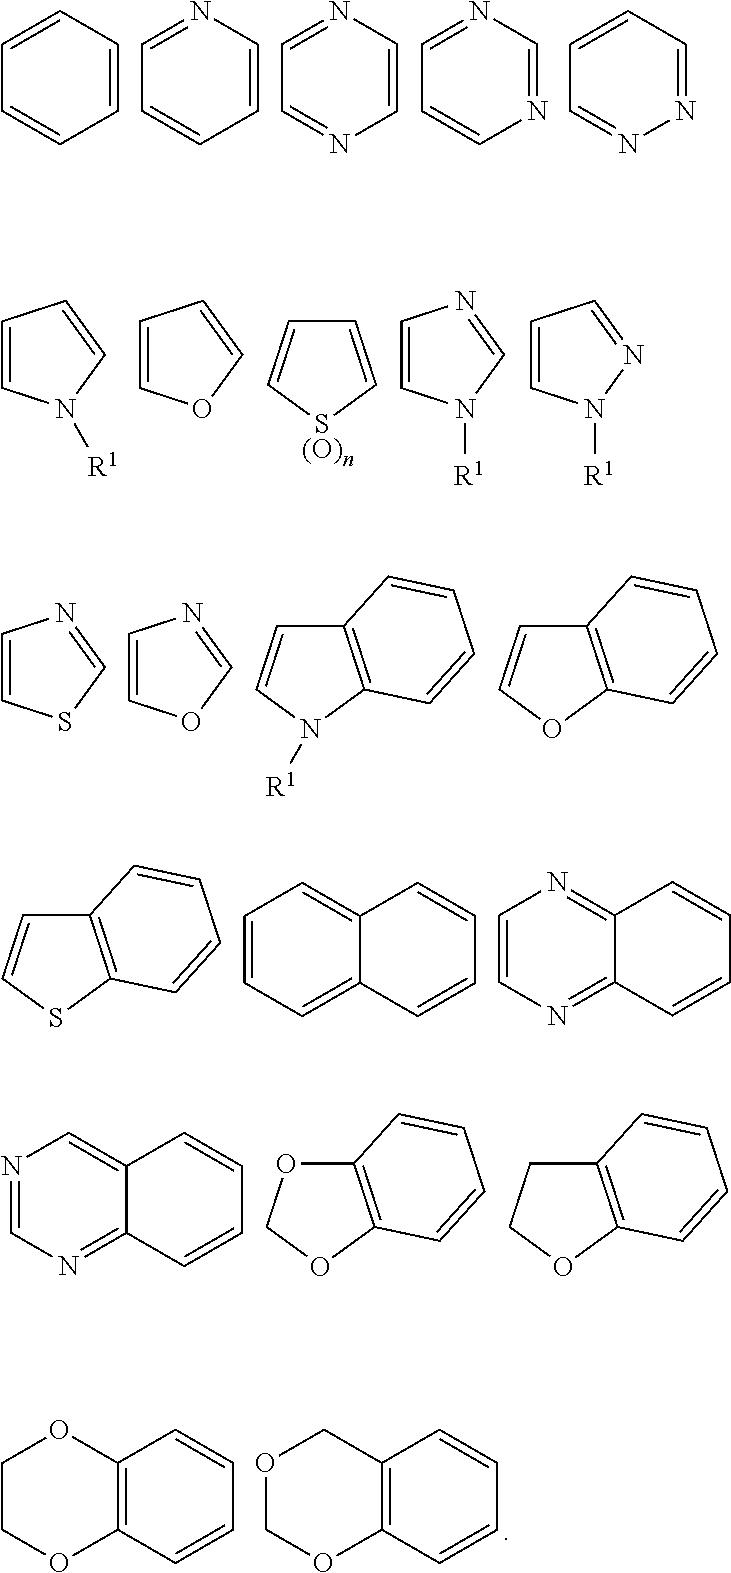 Figure US20110053905A1-20110303-C00349